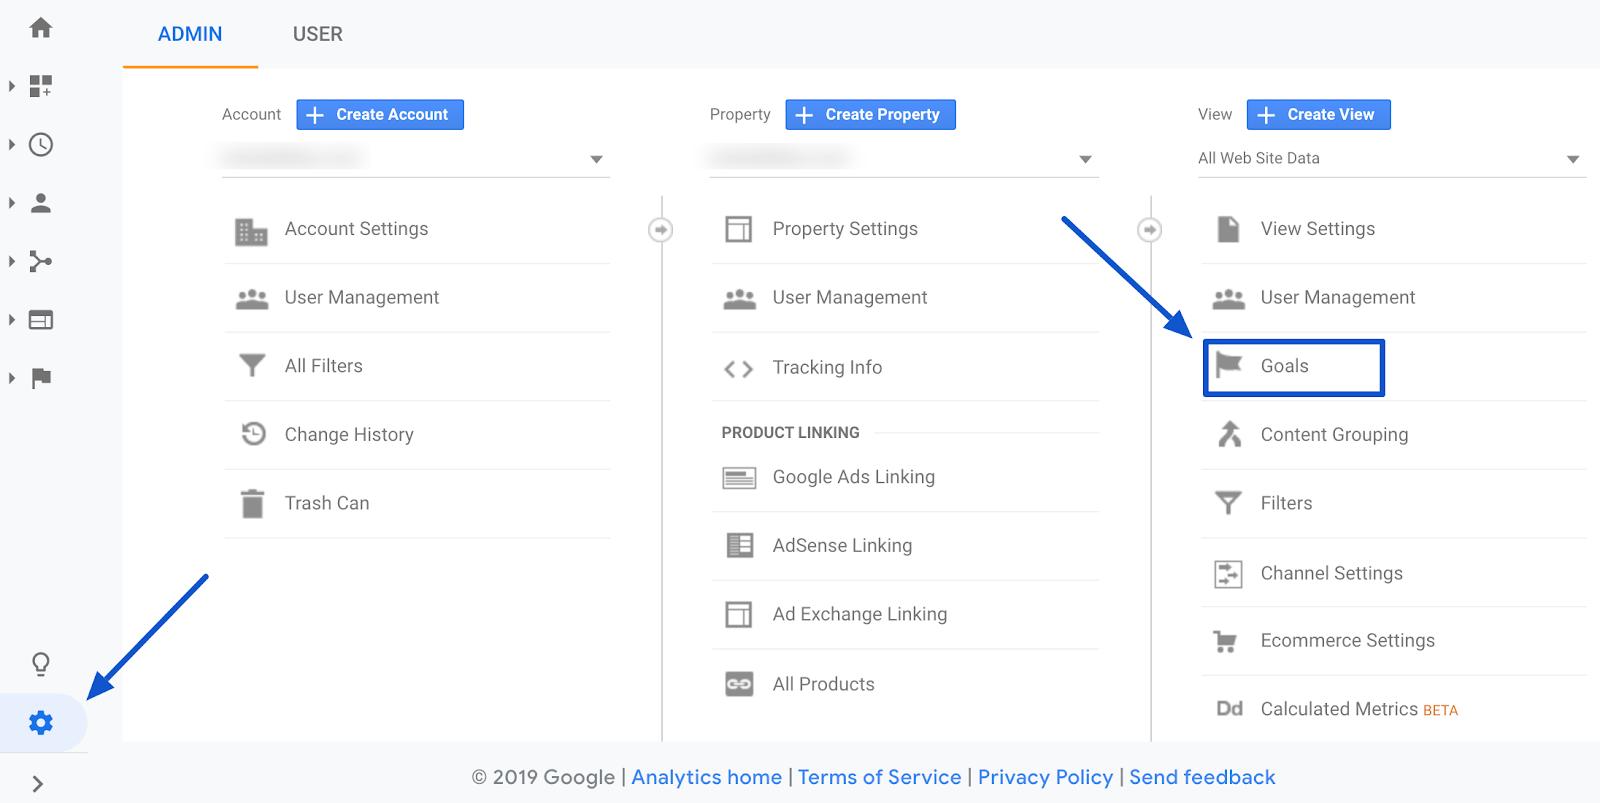 google analytics set up goals under admin